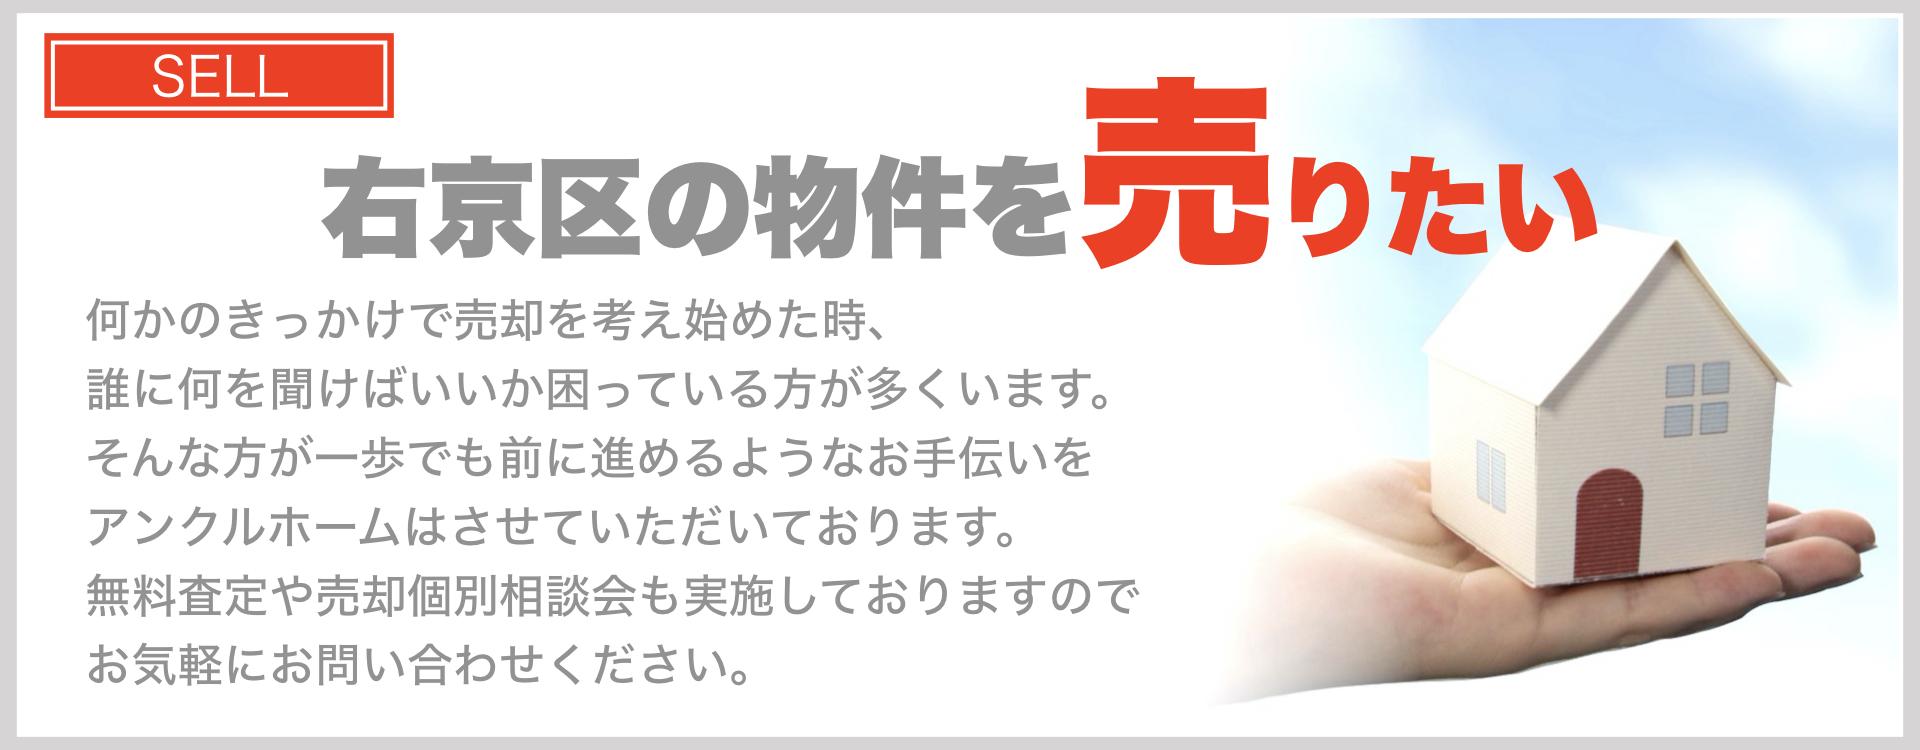 京都市右京区の不動産を売りたい方はコチラ